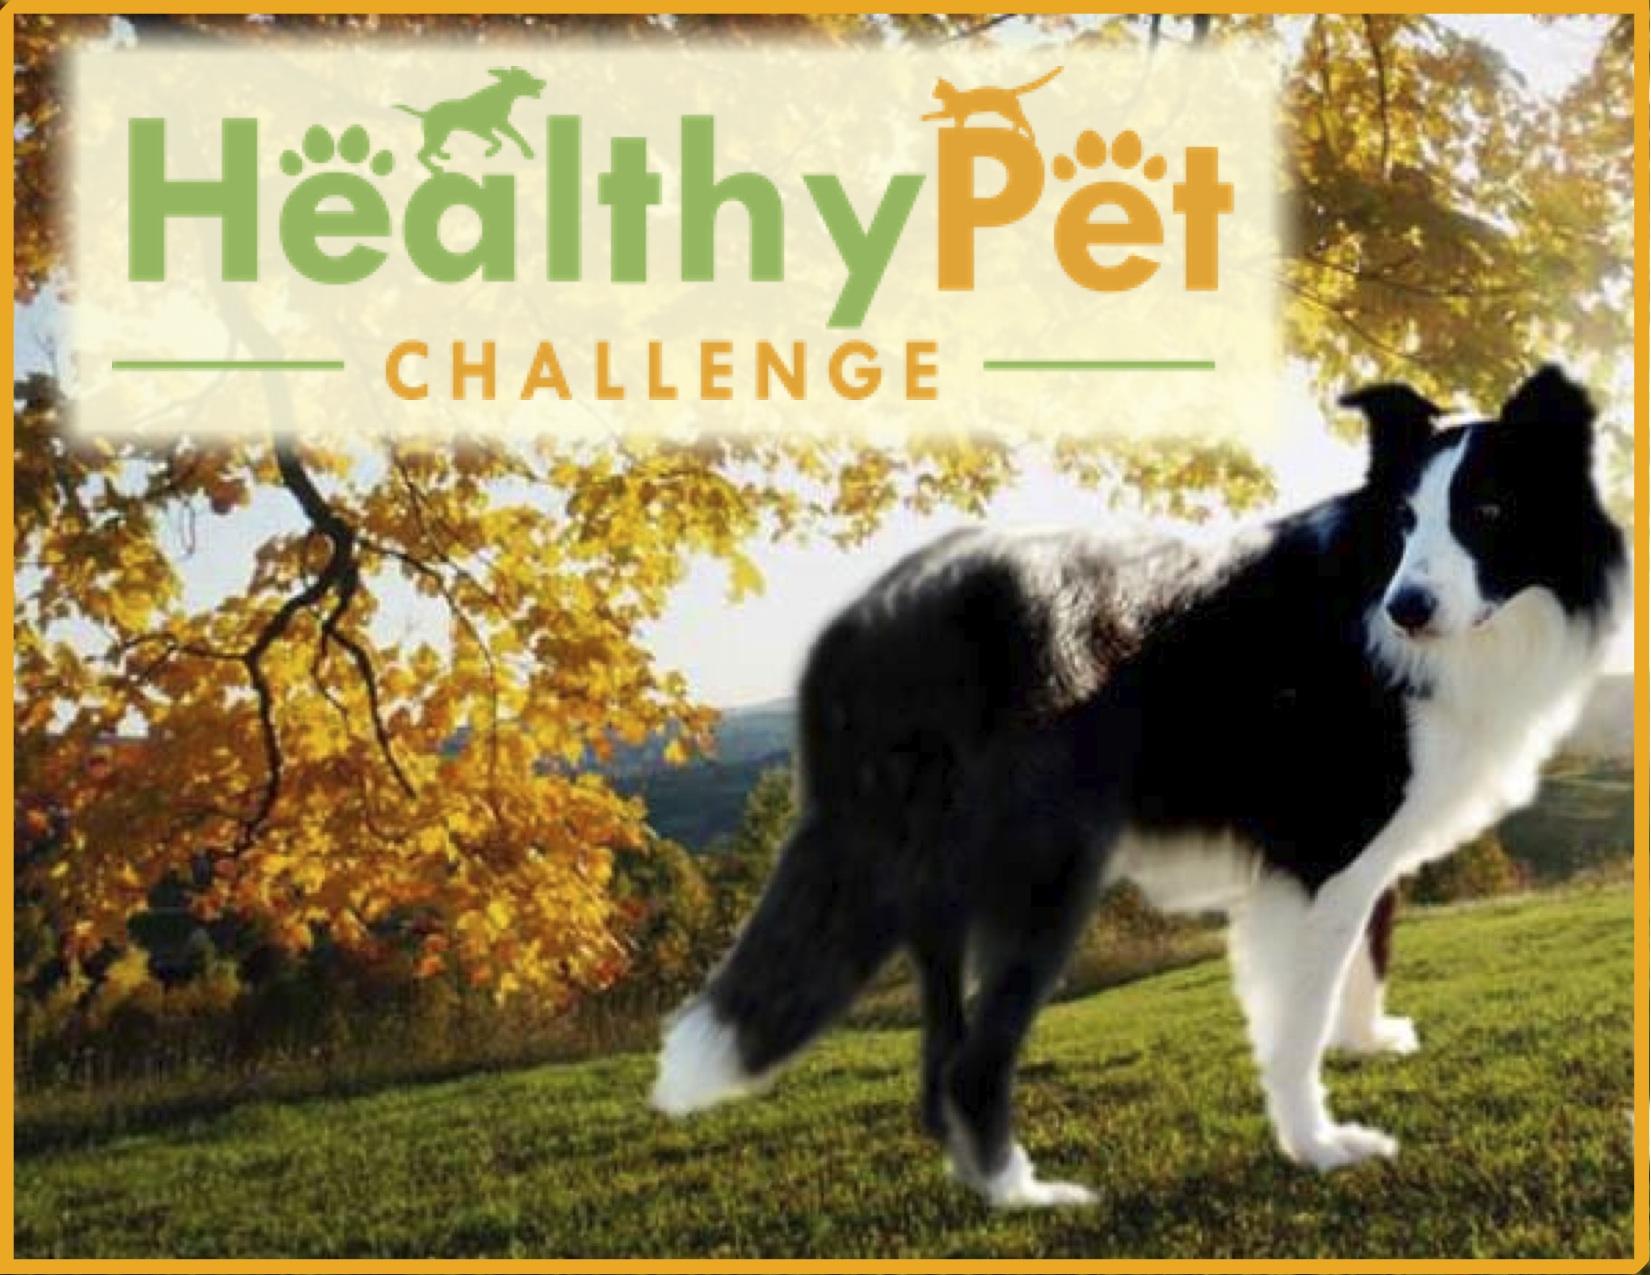 Healthy Pet Challenge